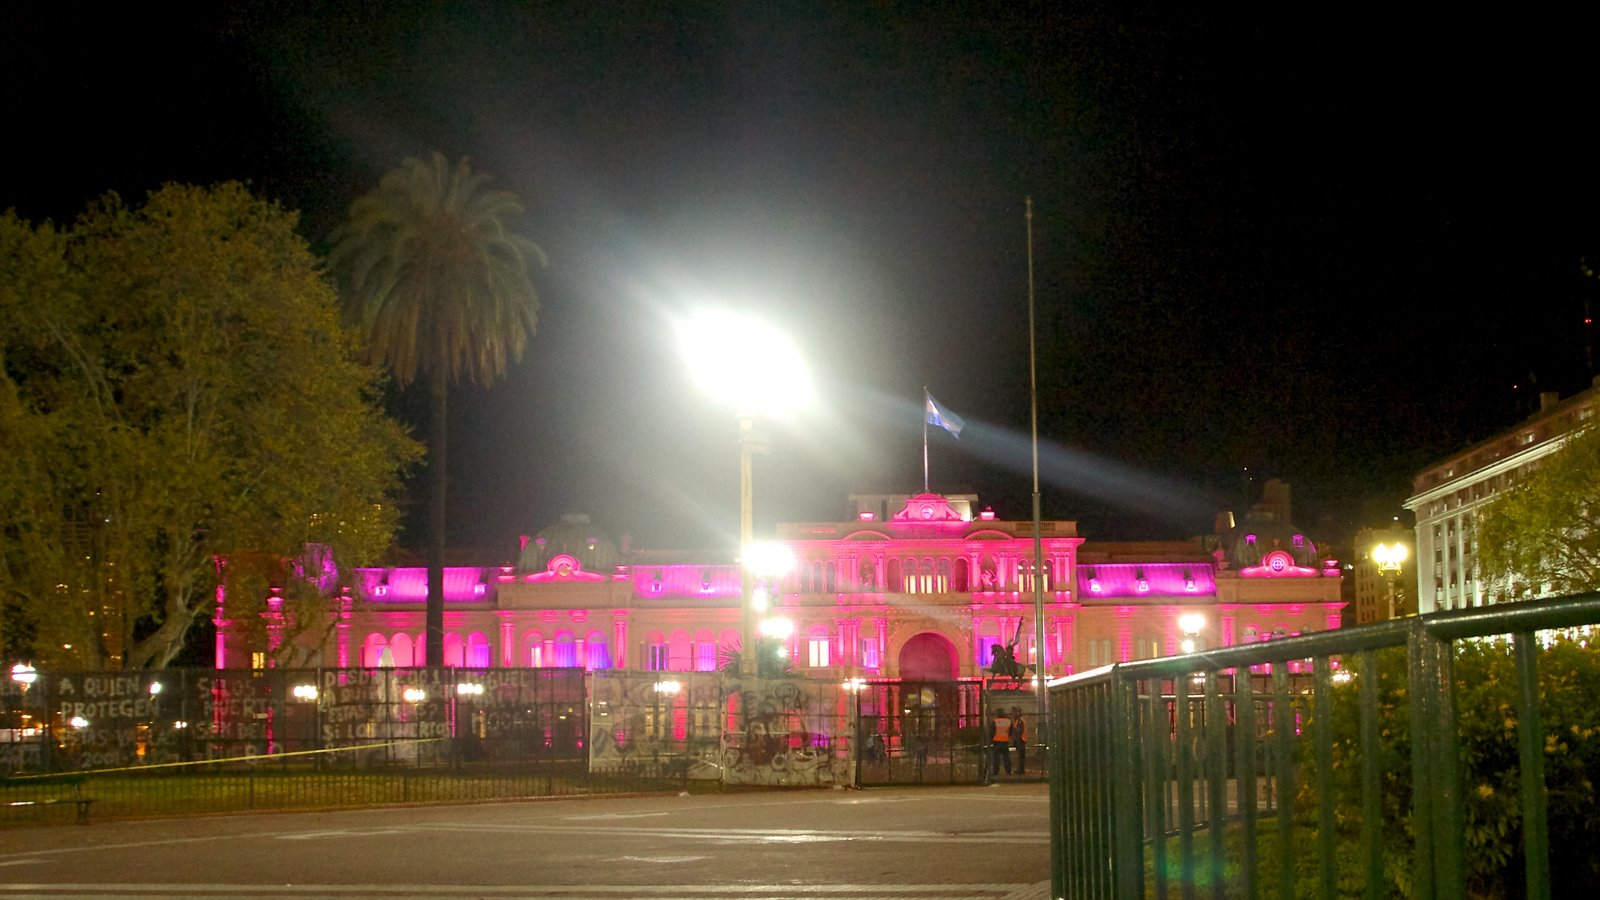 Casa Rosada mostrando elementos de patrimônio, um edifício administrativo e cenas noturnas